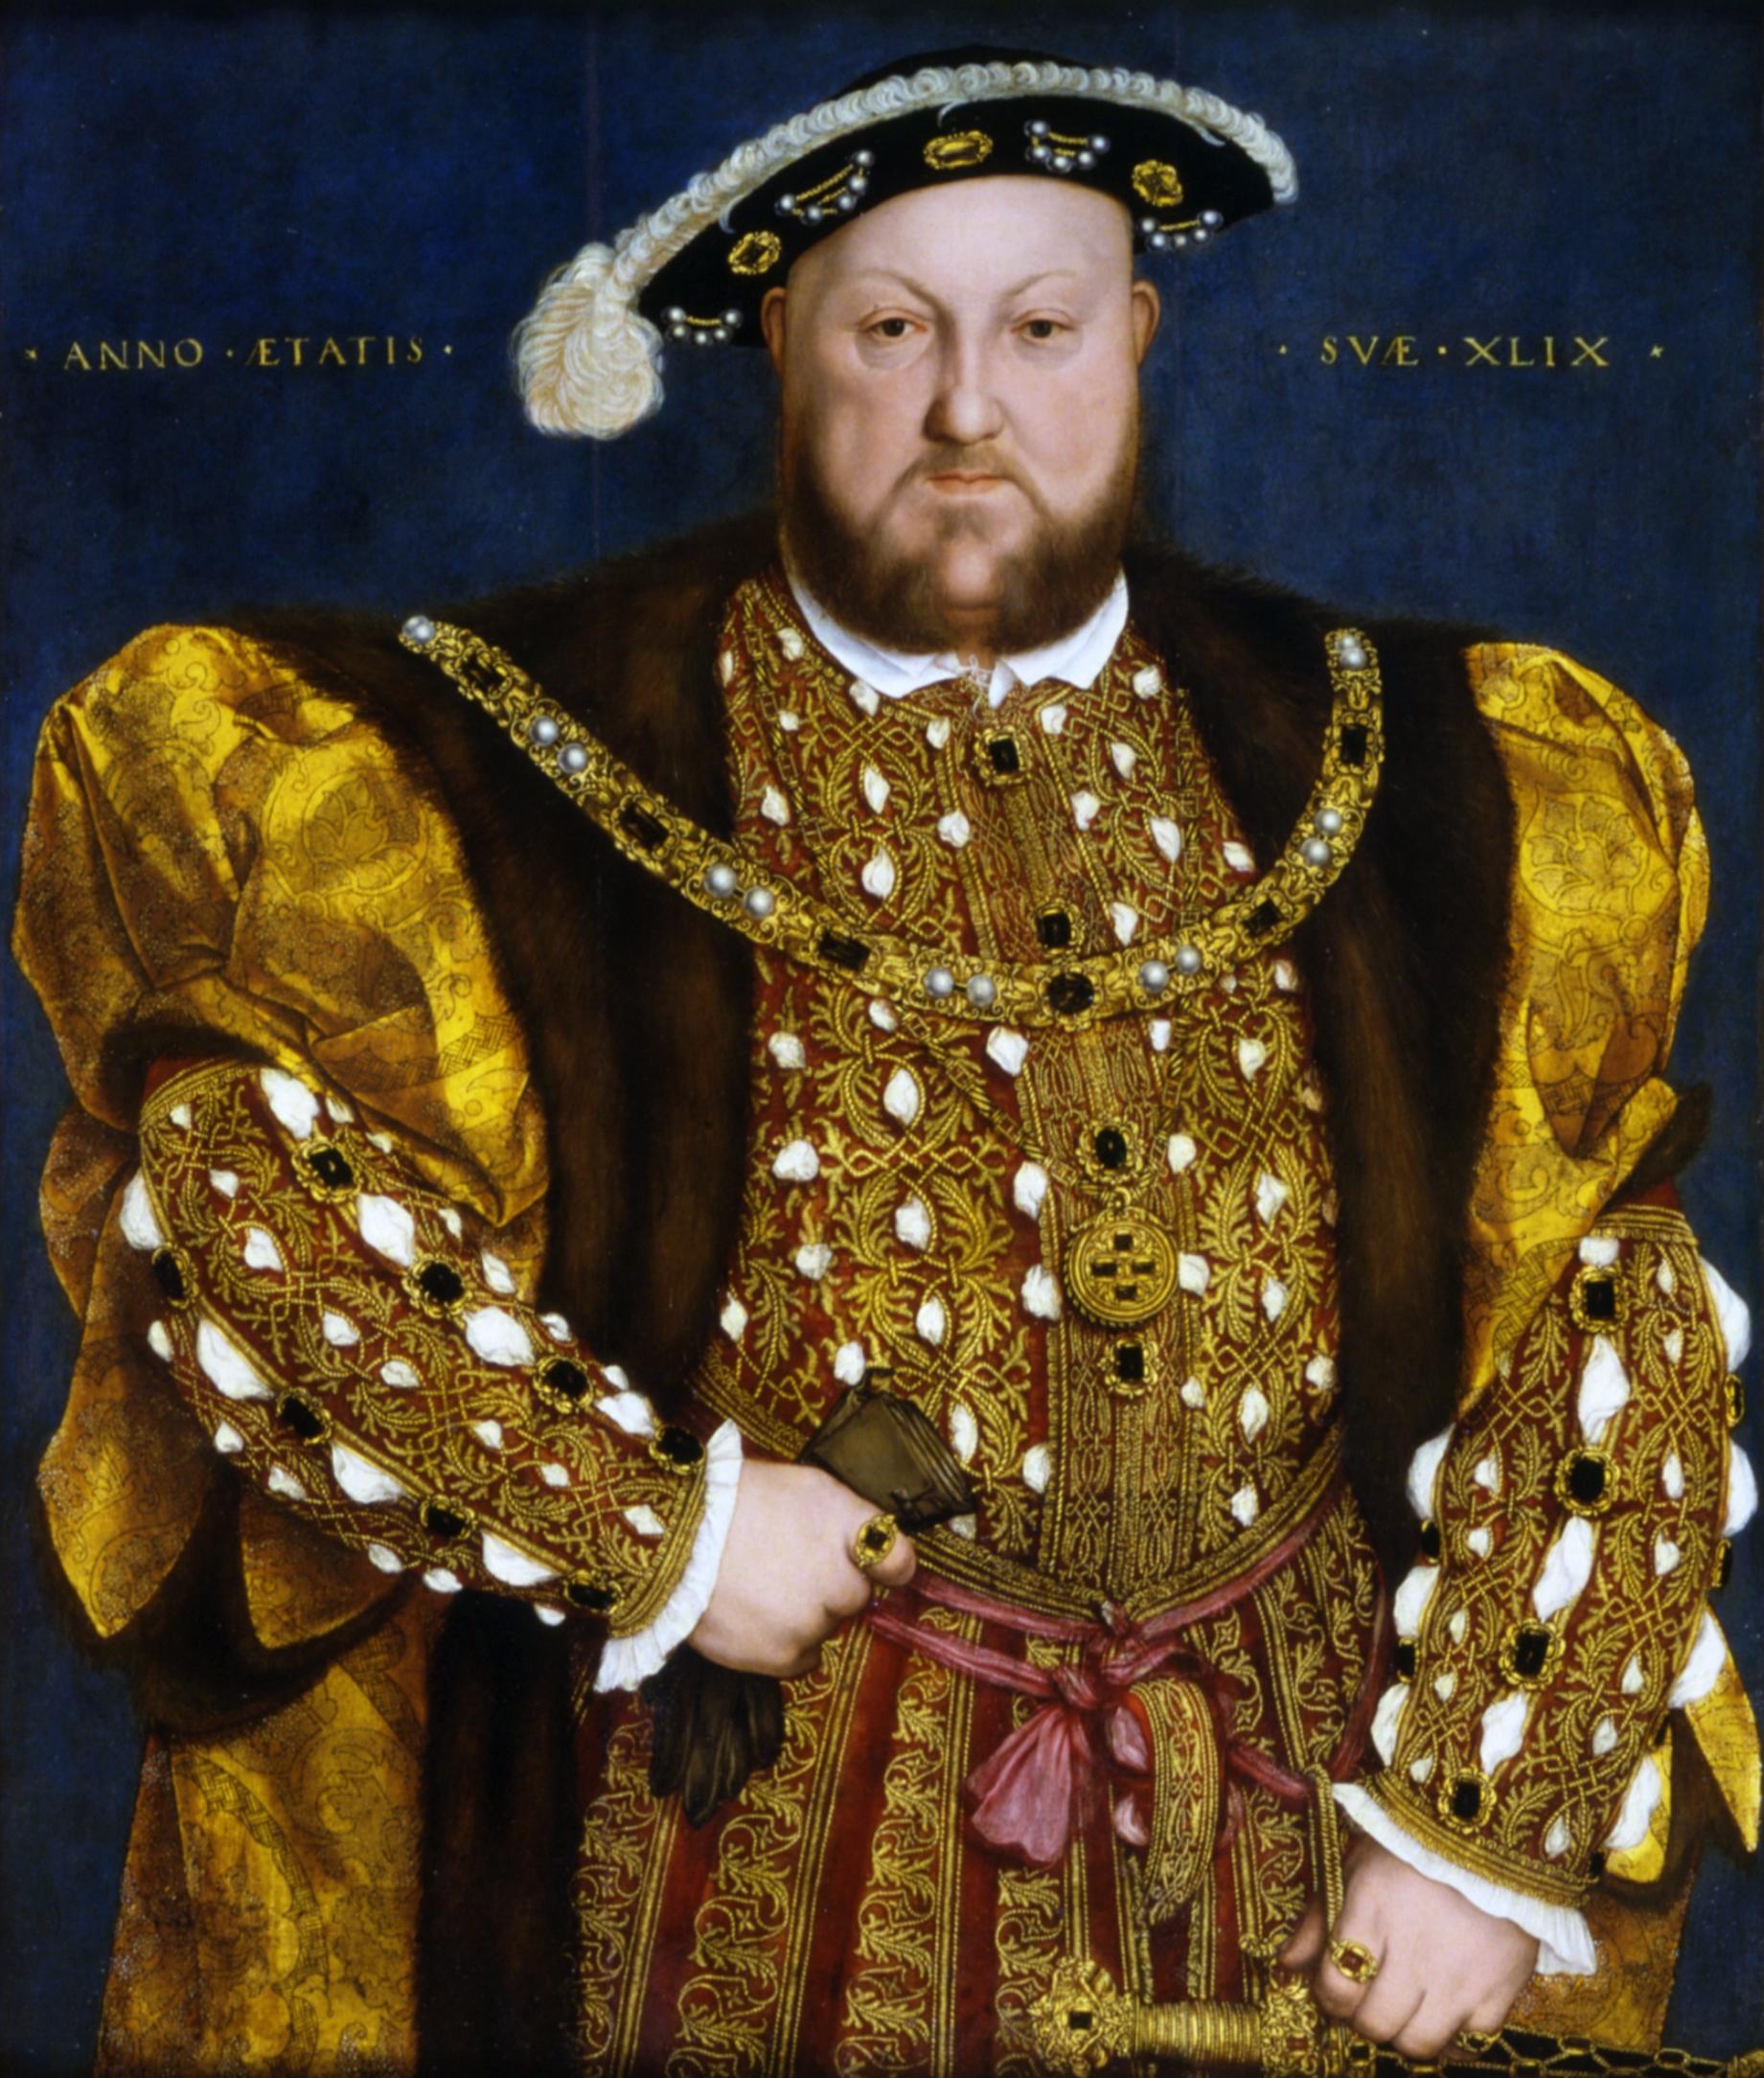 Ганс Гольбейн Младший. Генрих VIII. Изображение из Википедии